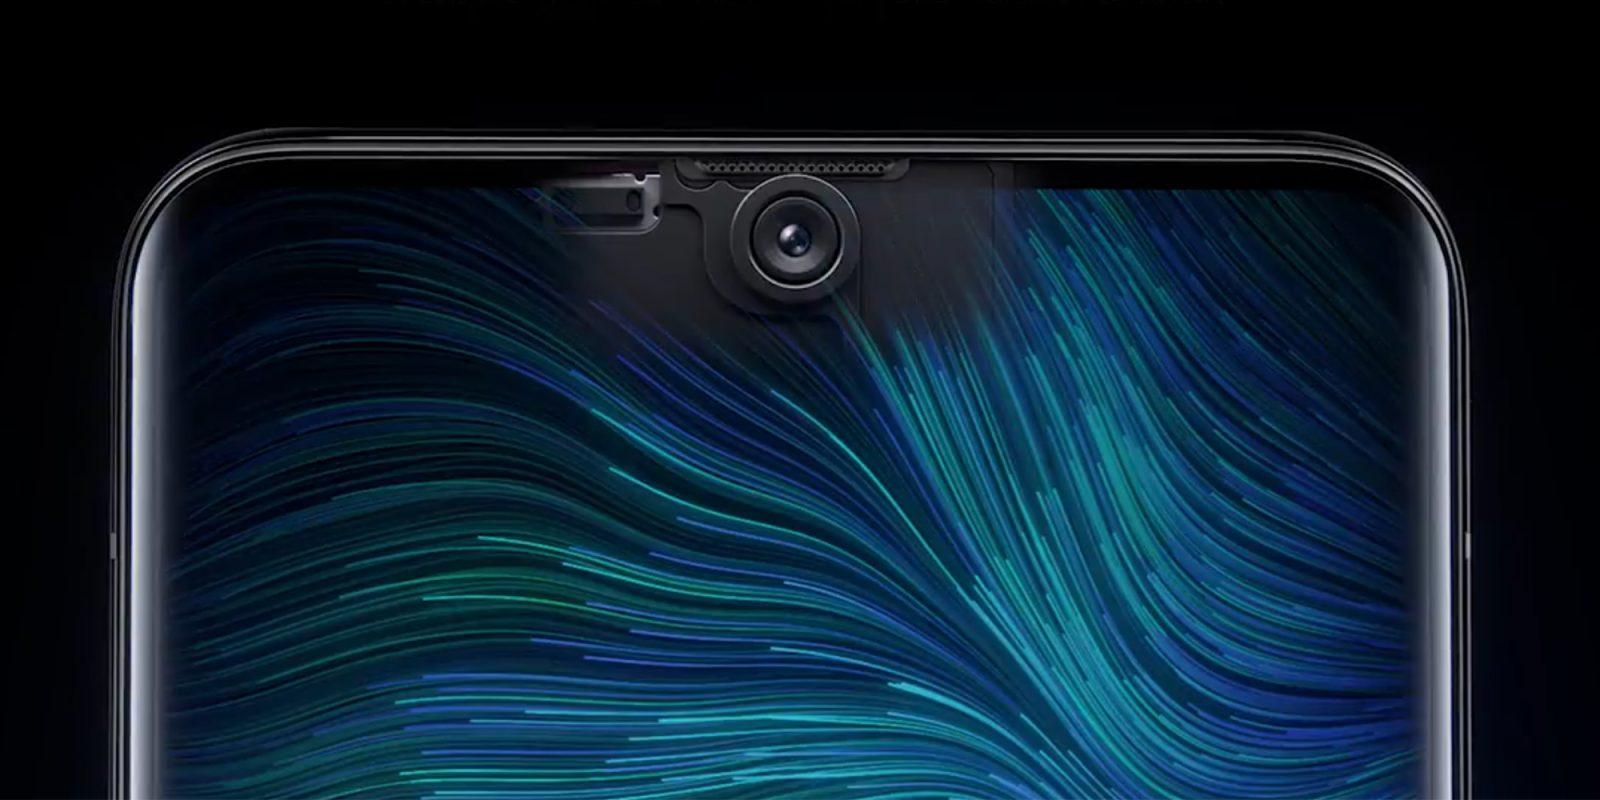 Oppo demos world's first under-display selfie camera